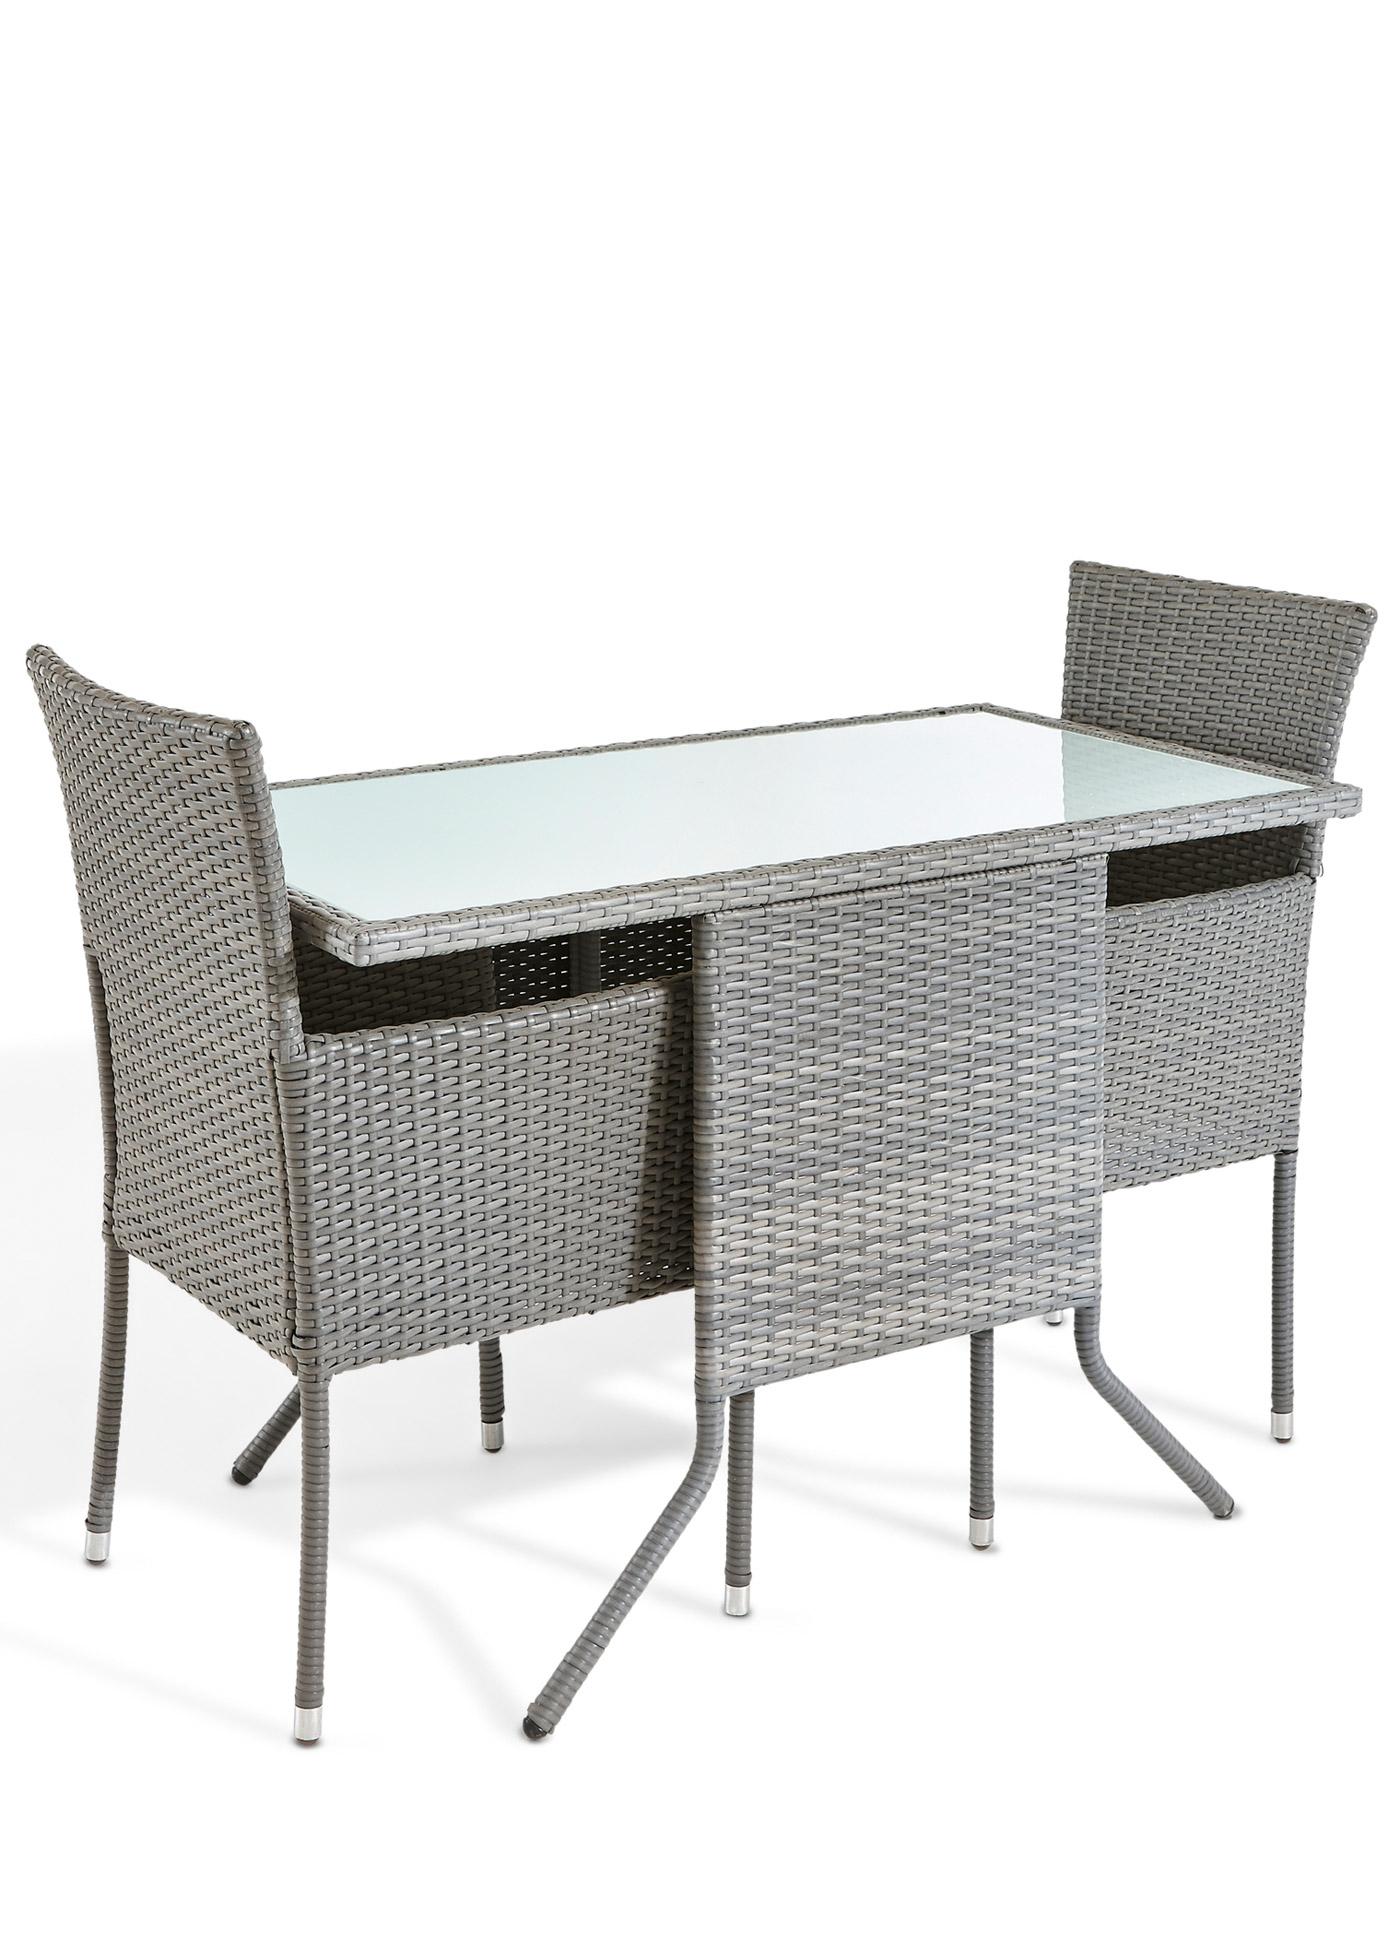 Hochwertig und modern: das 5-tlg. Balkonmöbel-Set